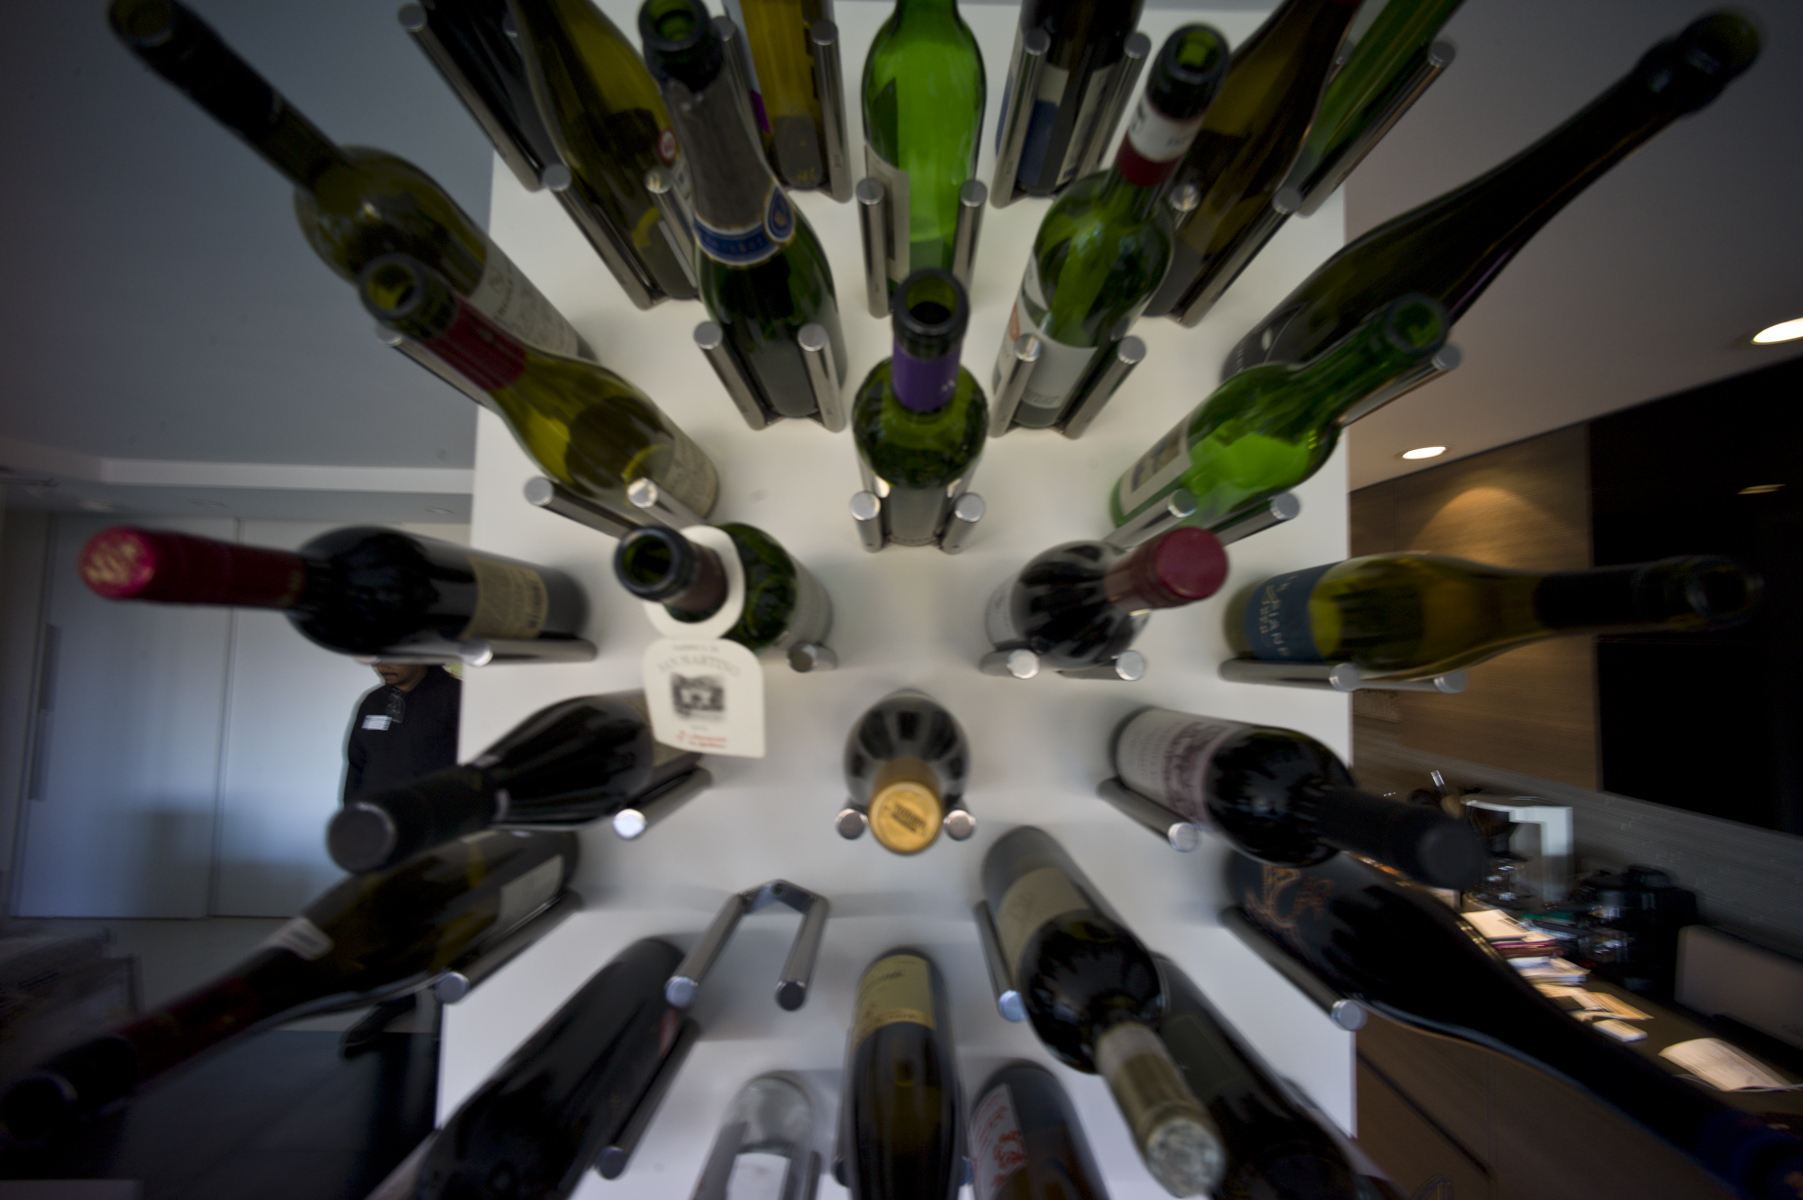 winerack2.jpg